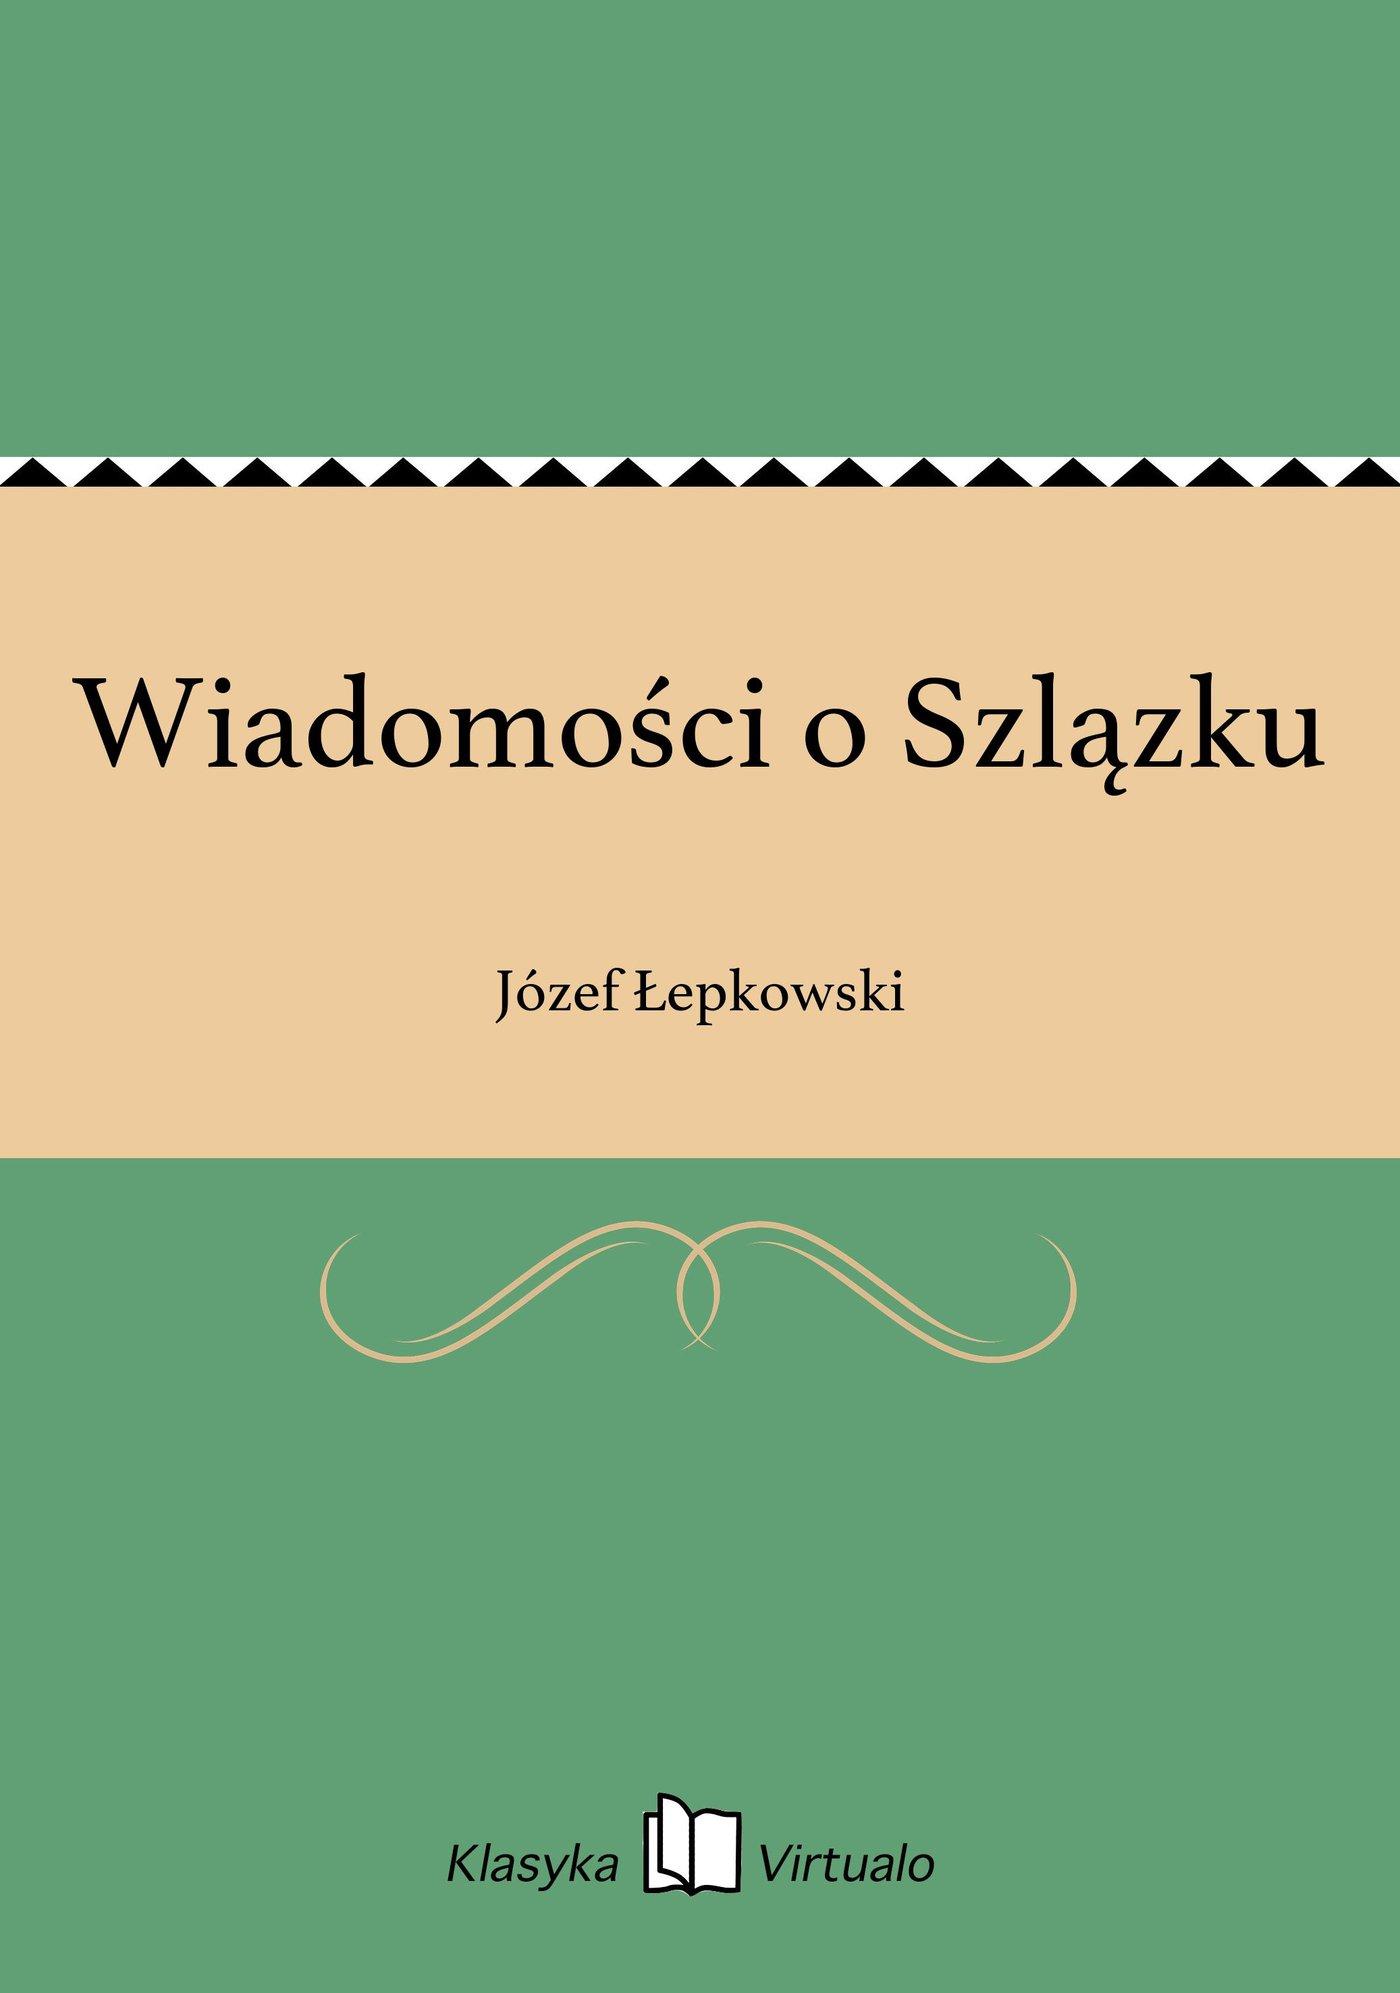 Wiadomości o Szlązku - Ebook (Książka EPUB) do pobrania w formacie EPUB